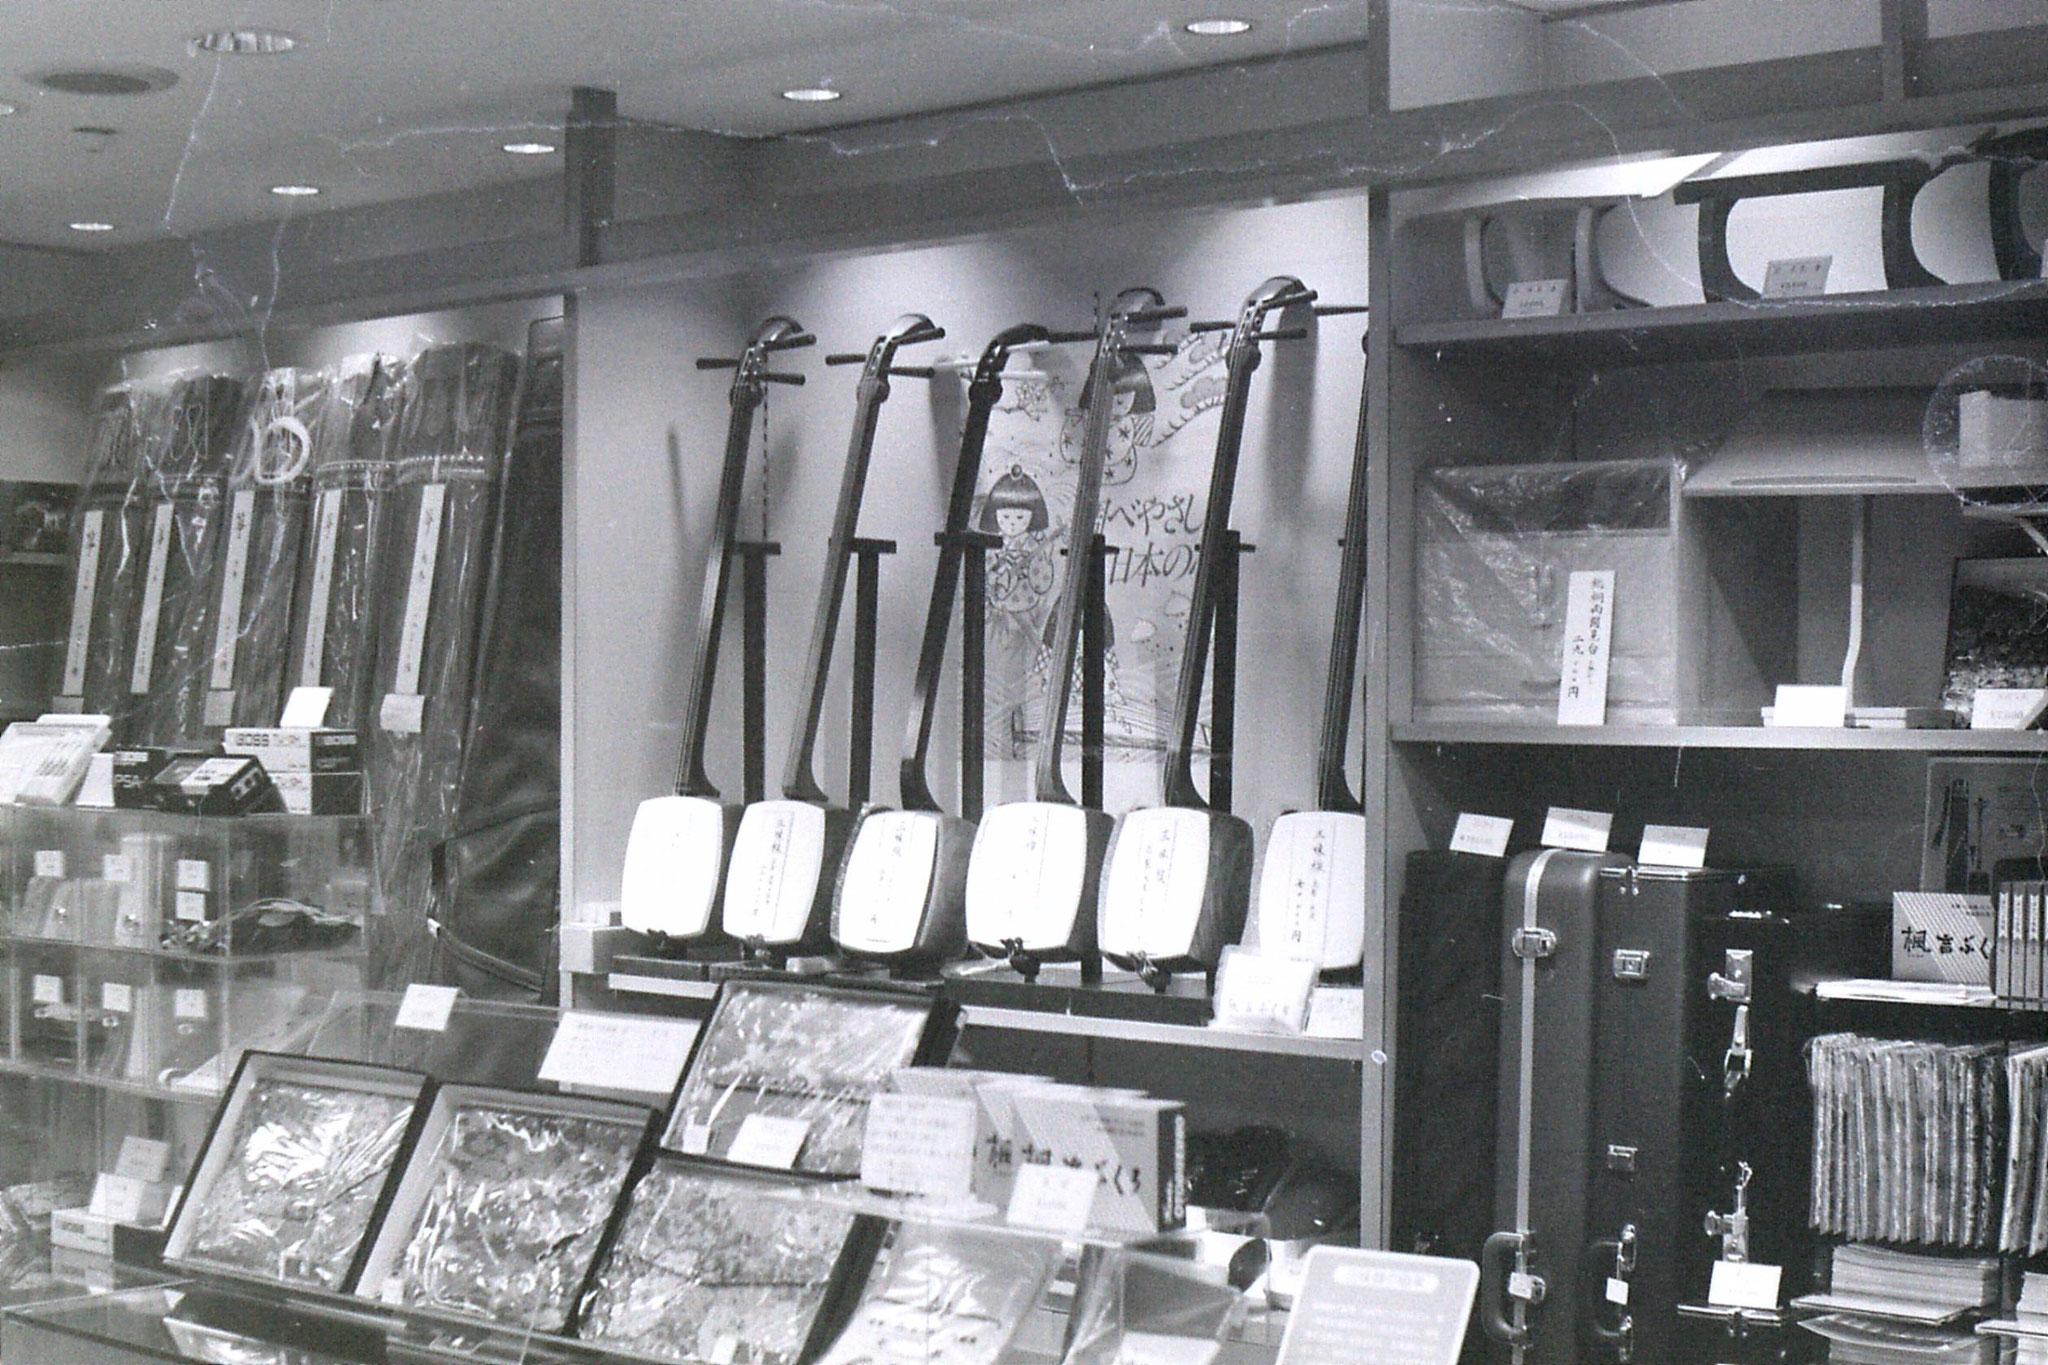 4/2/1989: 14: Takashimaya Store